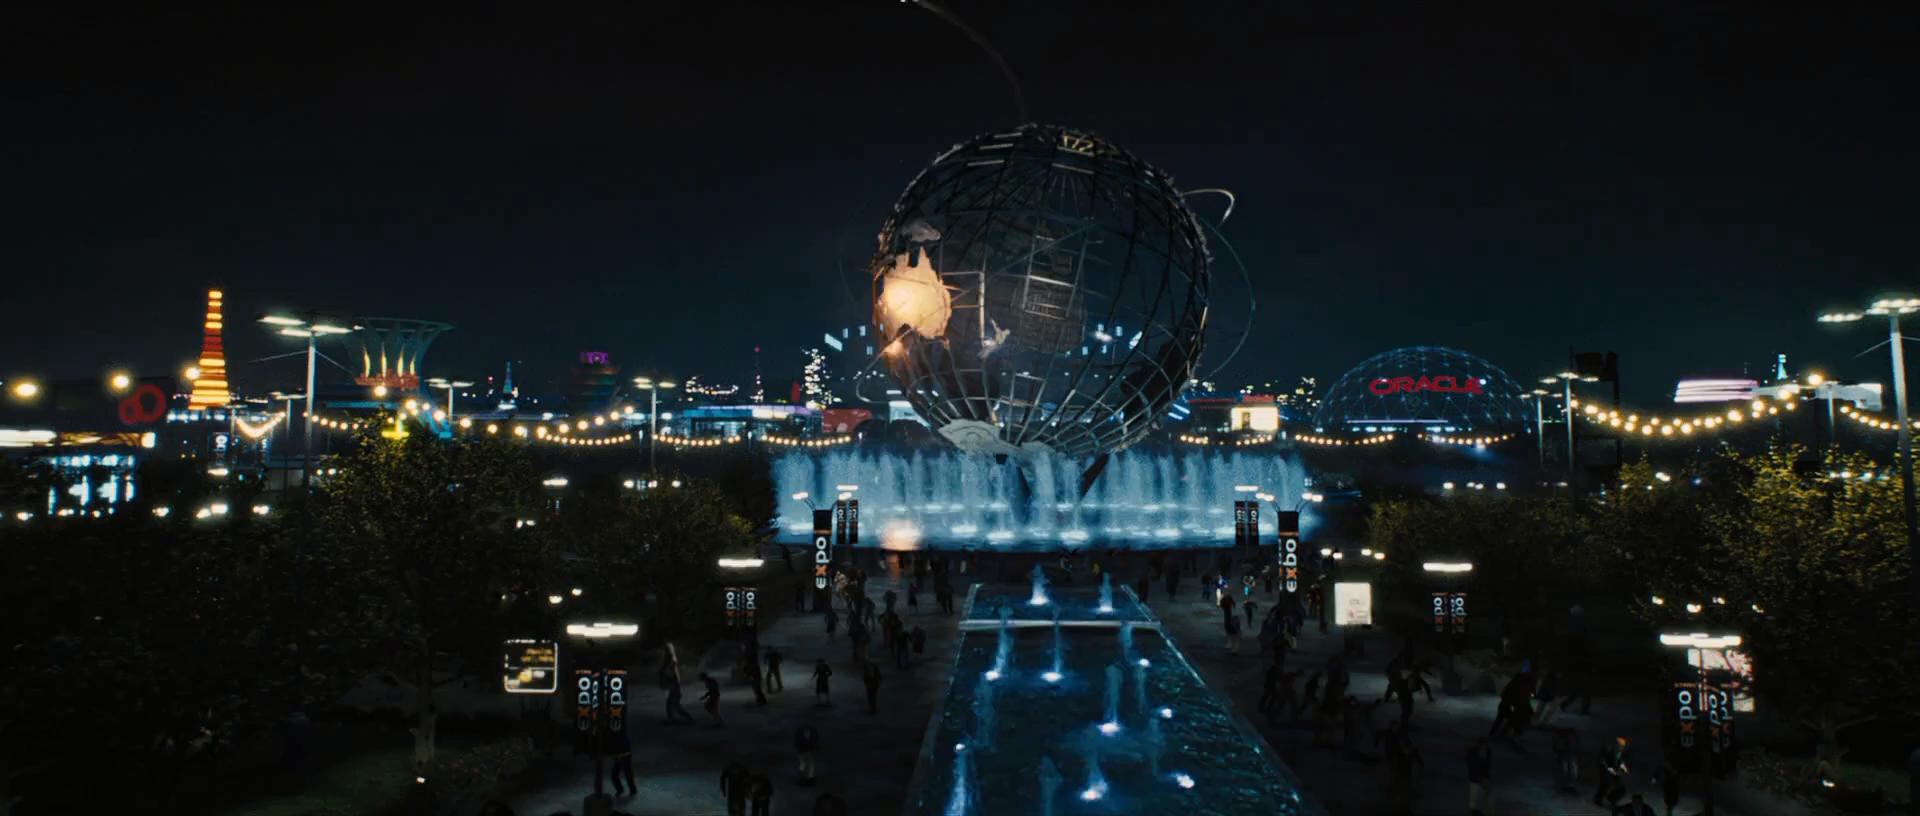 พาเที่ยวอเมริกาตามรอย Iron Man